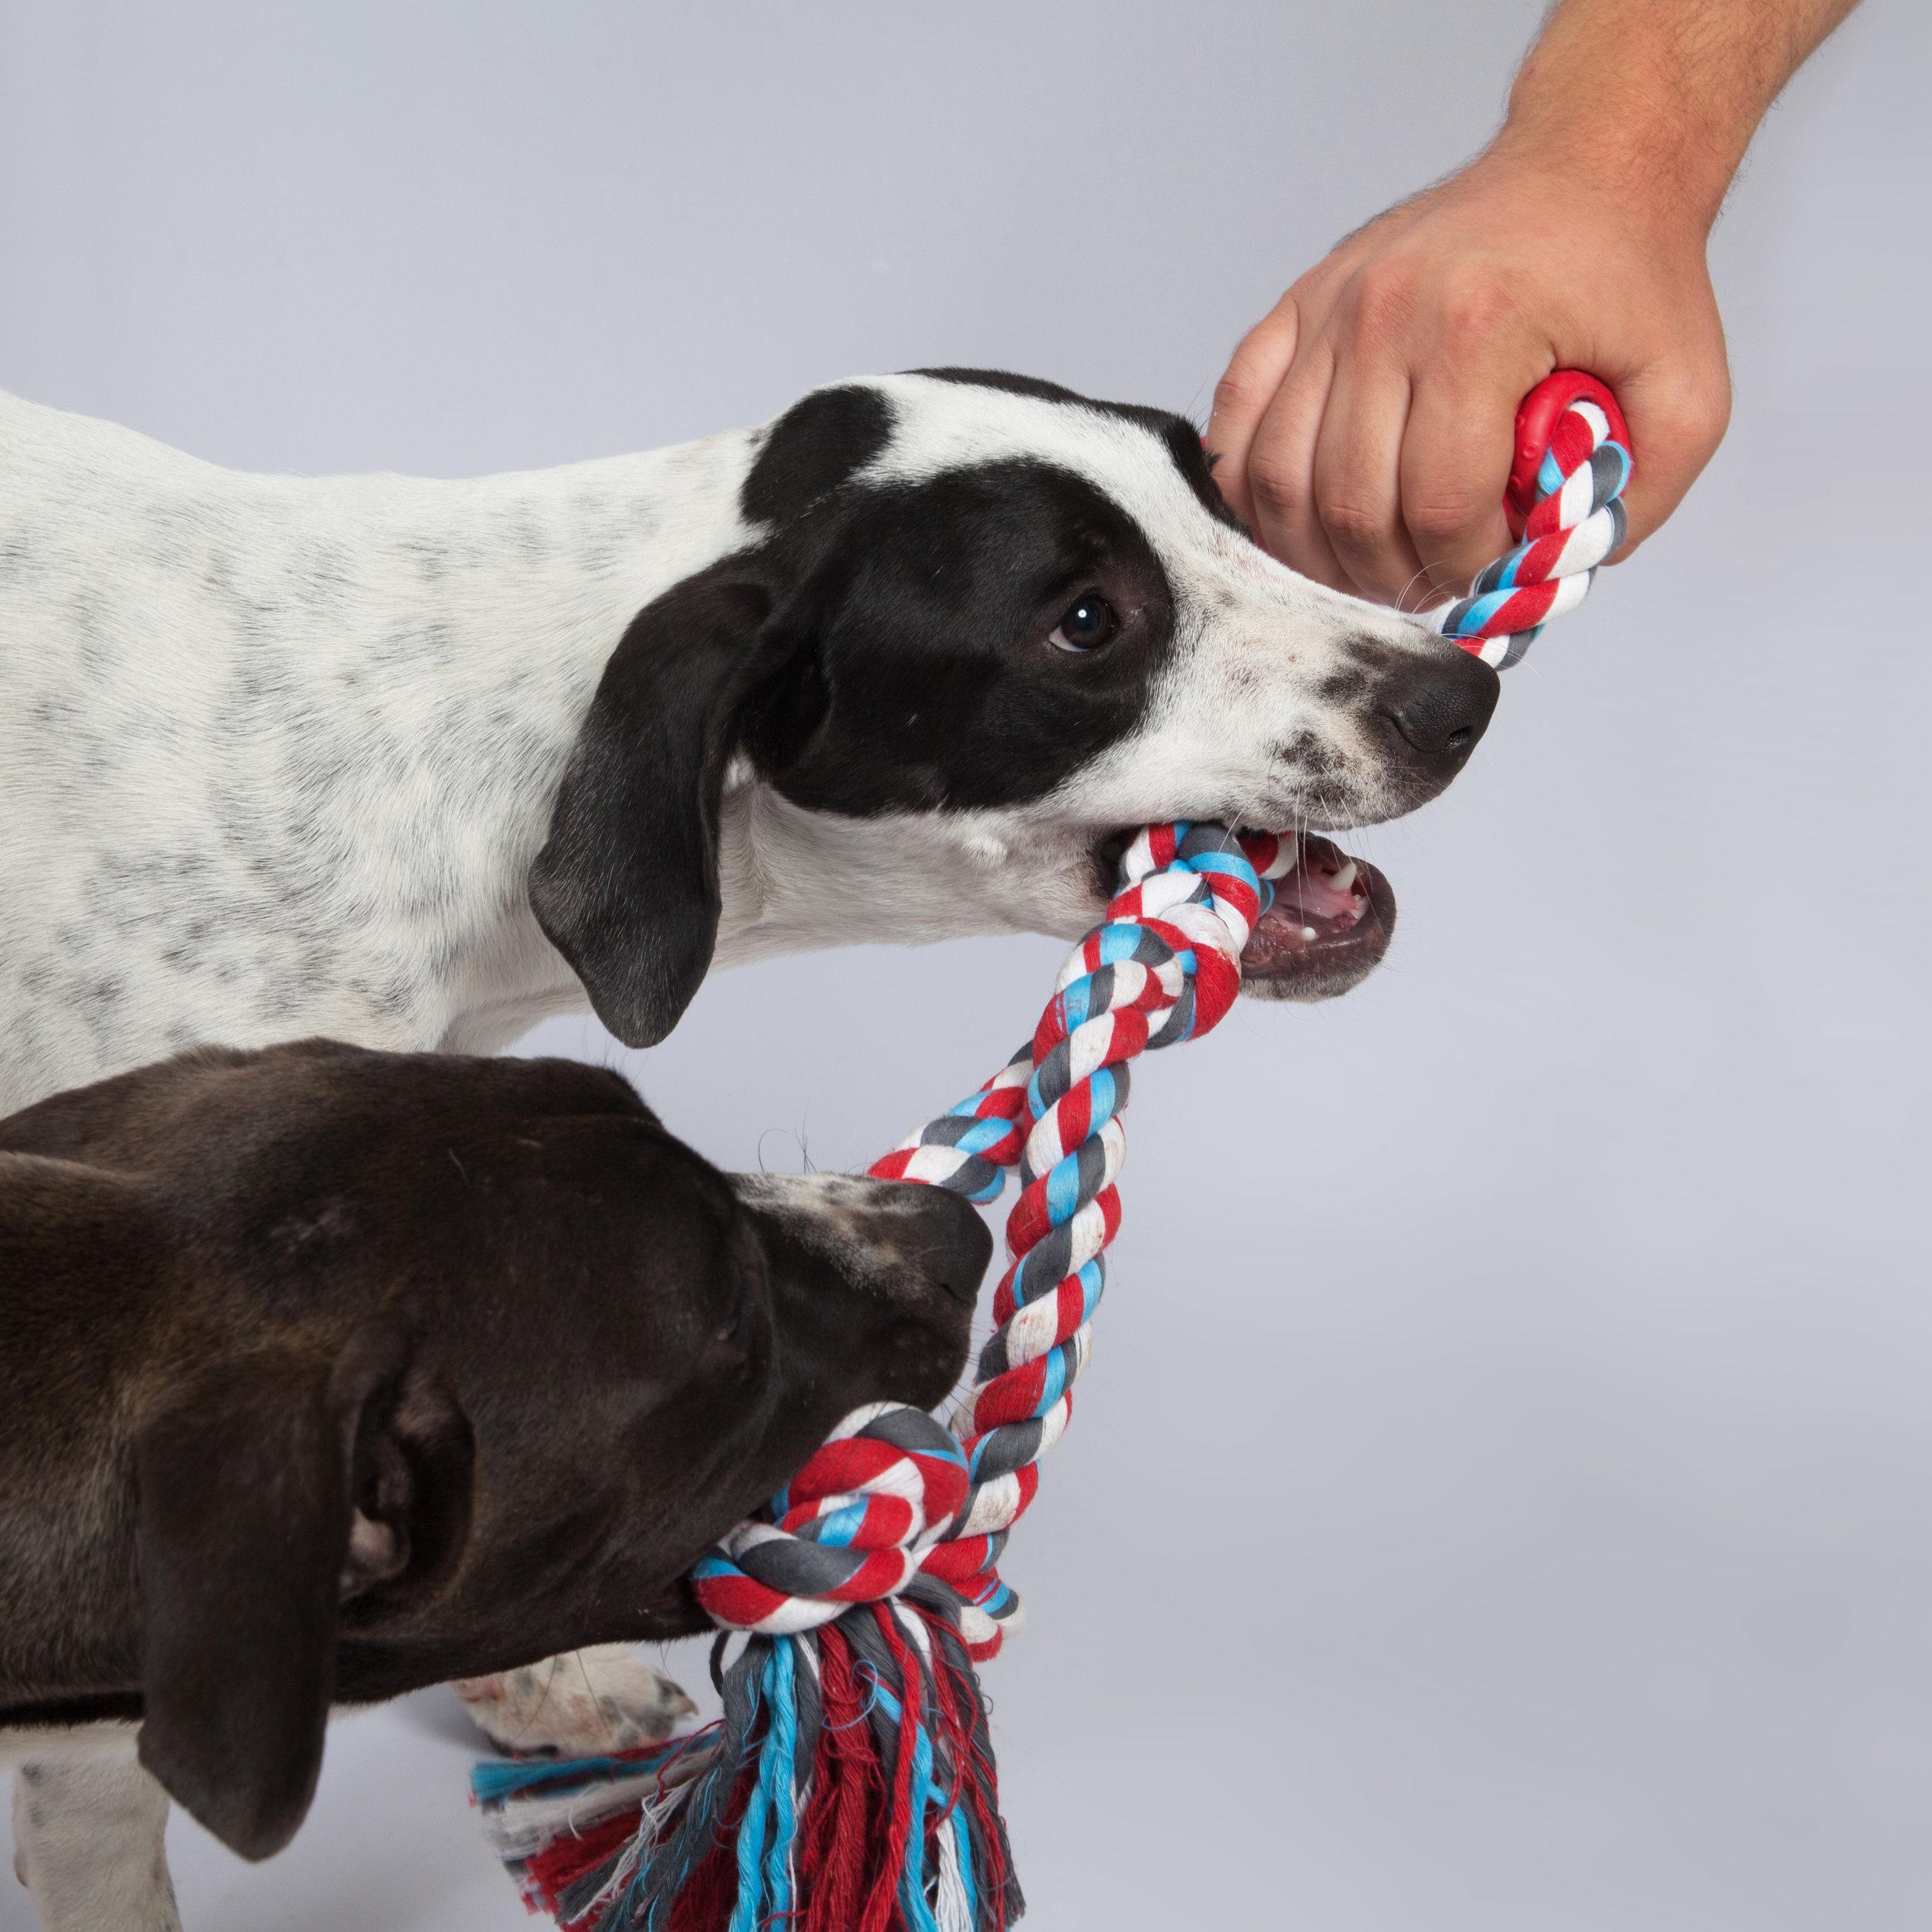 dogzilla-dog-toys-rope-nicholas-baker